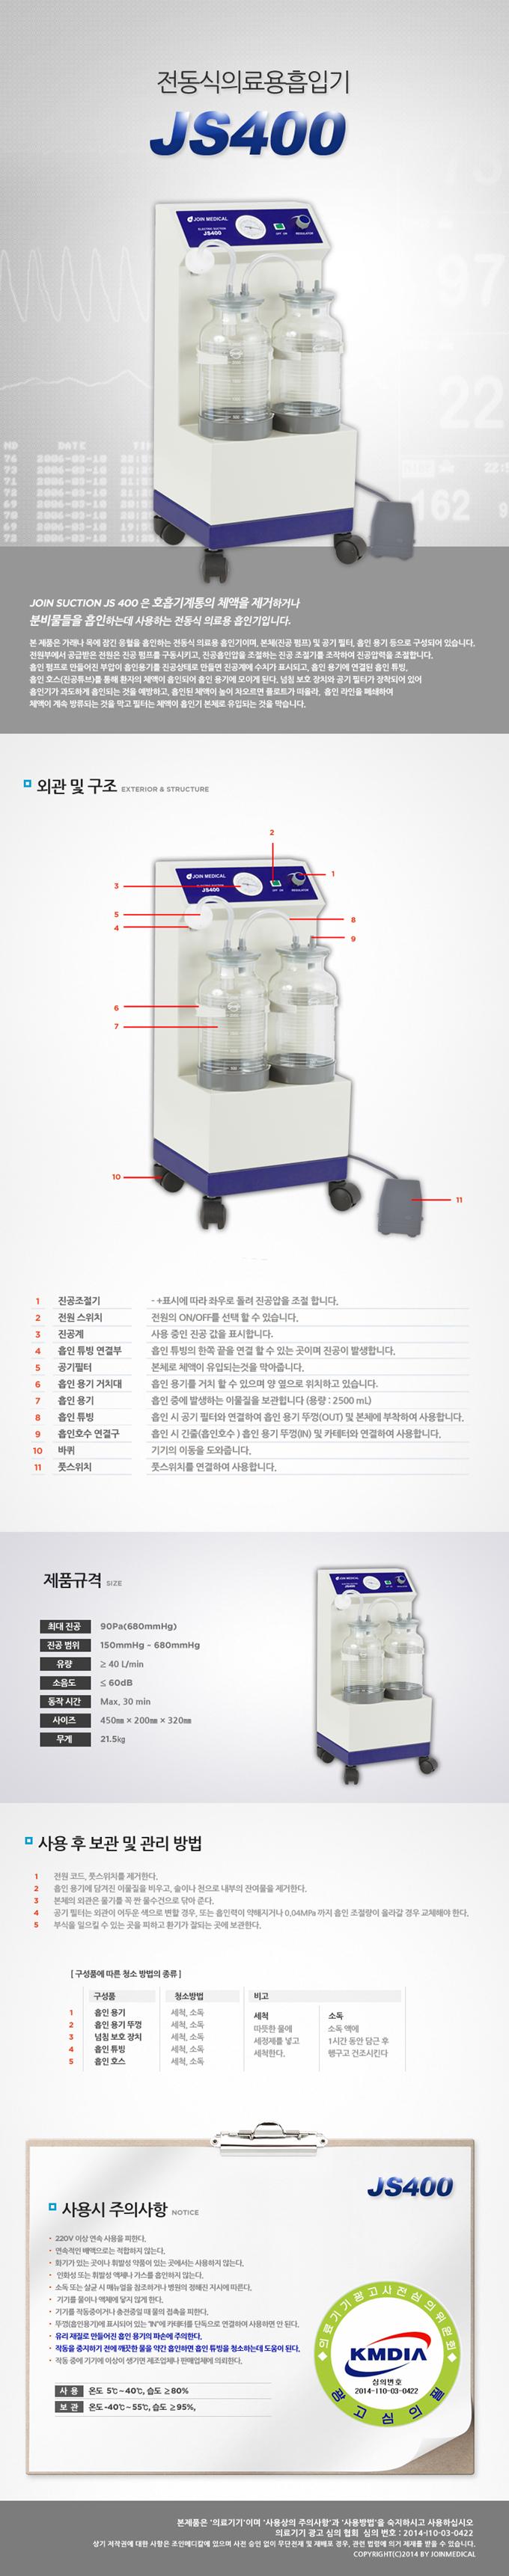 조인 병원용석션기 JS400